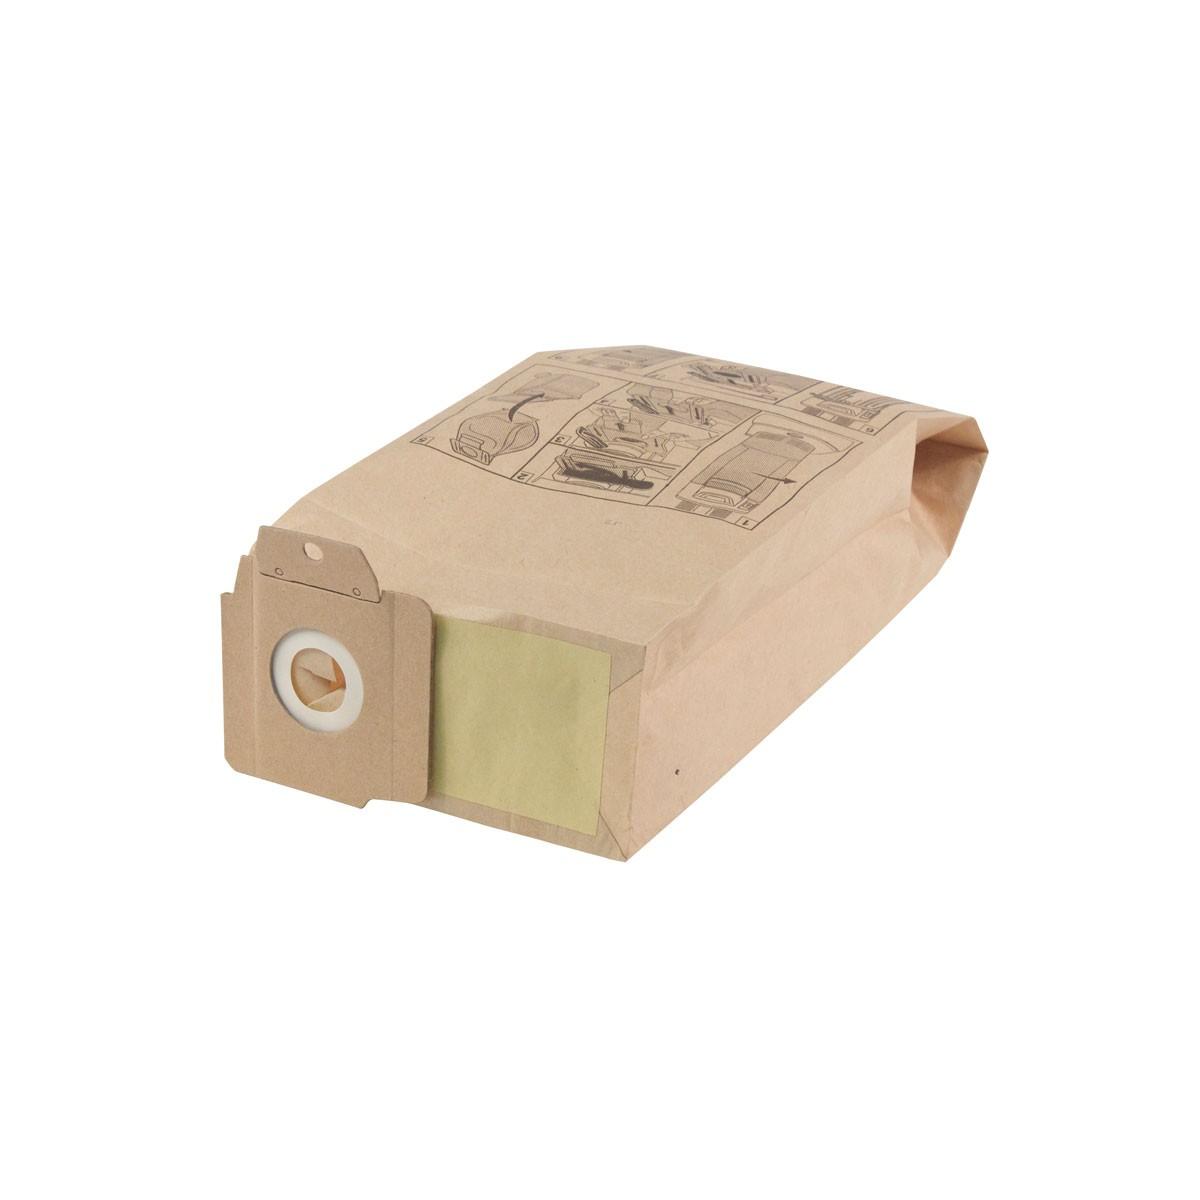 sacs en papier pour aspirateur karcher pf cv30 pk 10. Black Bedroom Furniture Sets. Home Design Ideas